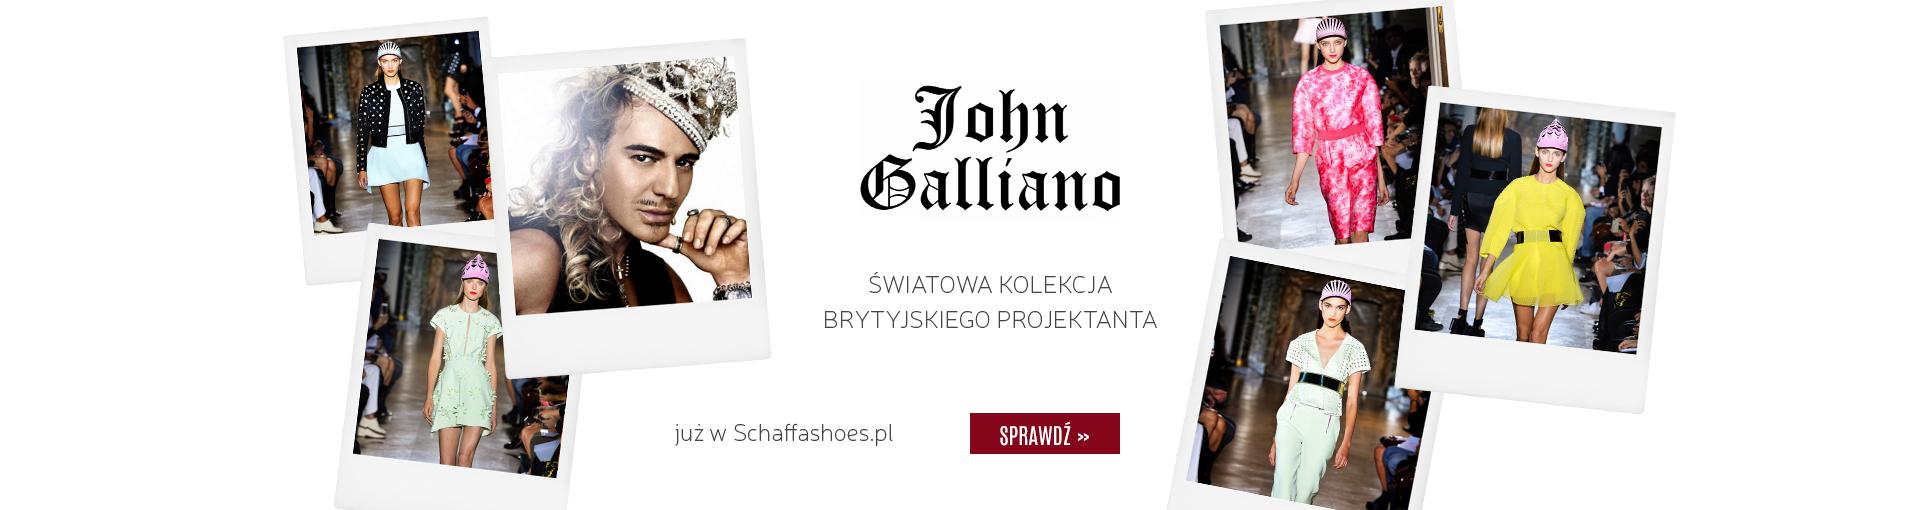 Schaffashoes.pl  -  buty damskie, męskie, dziecięce w najlepszych cenach!